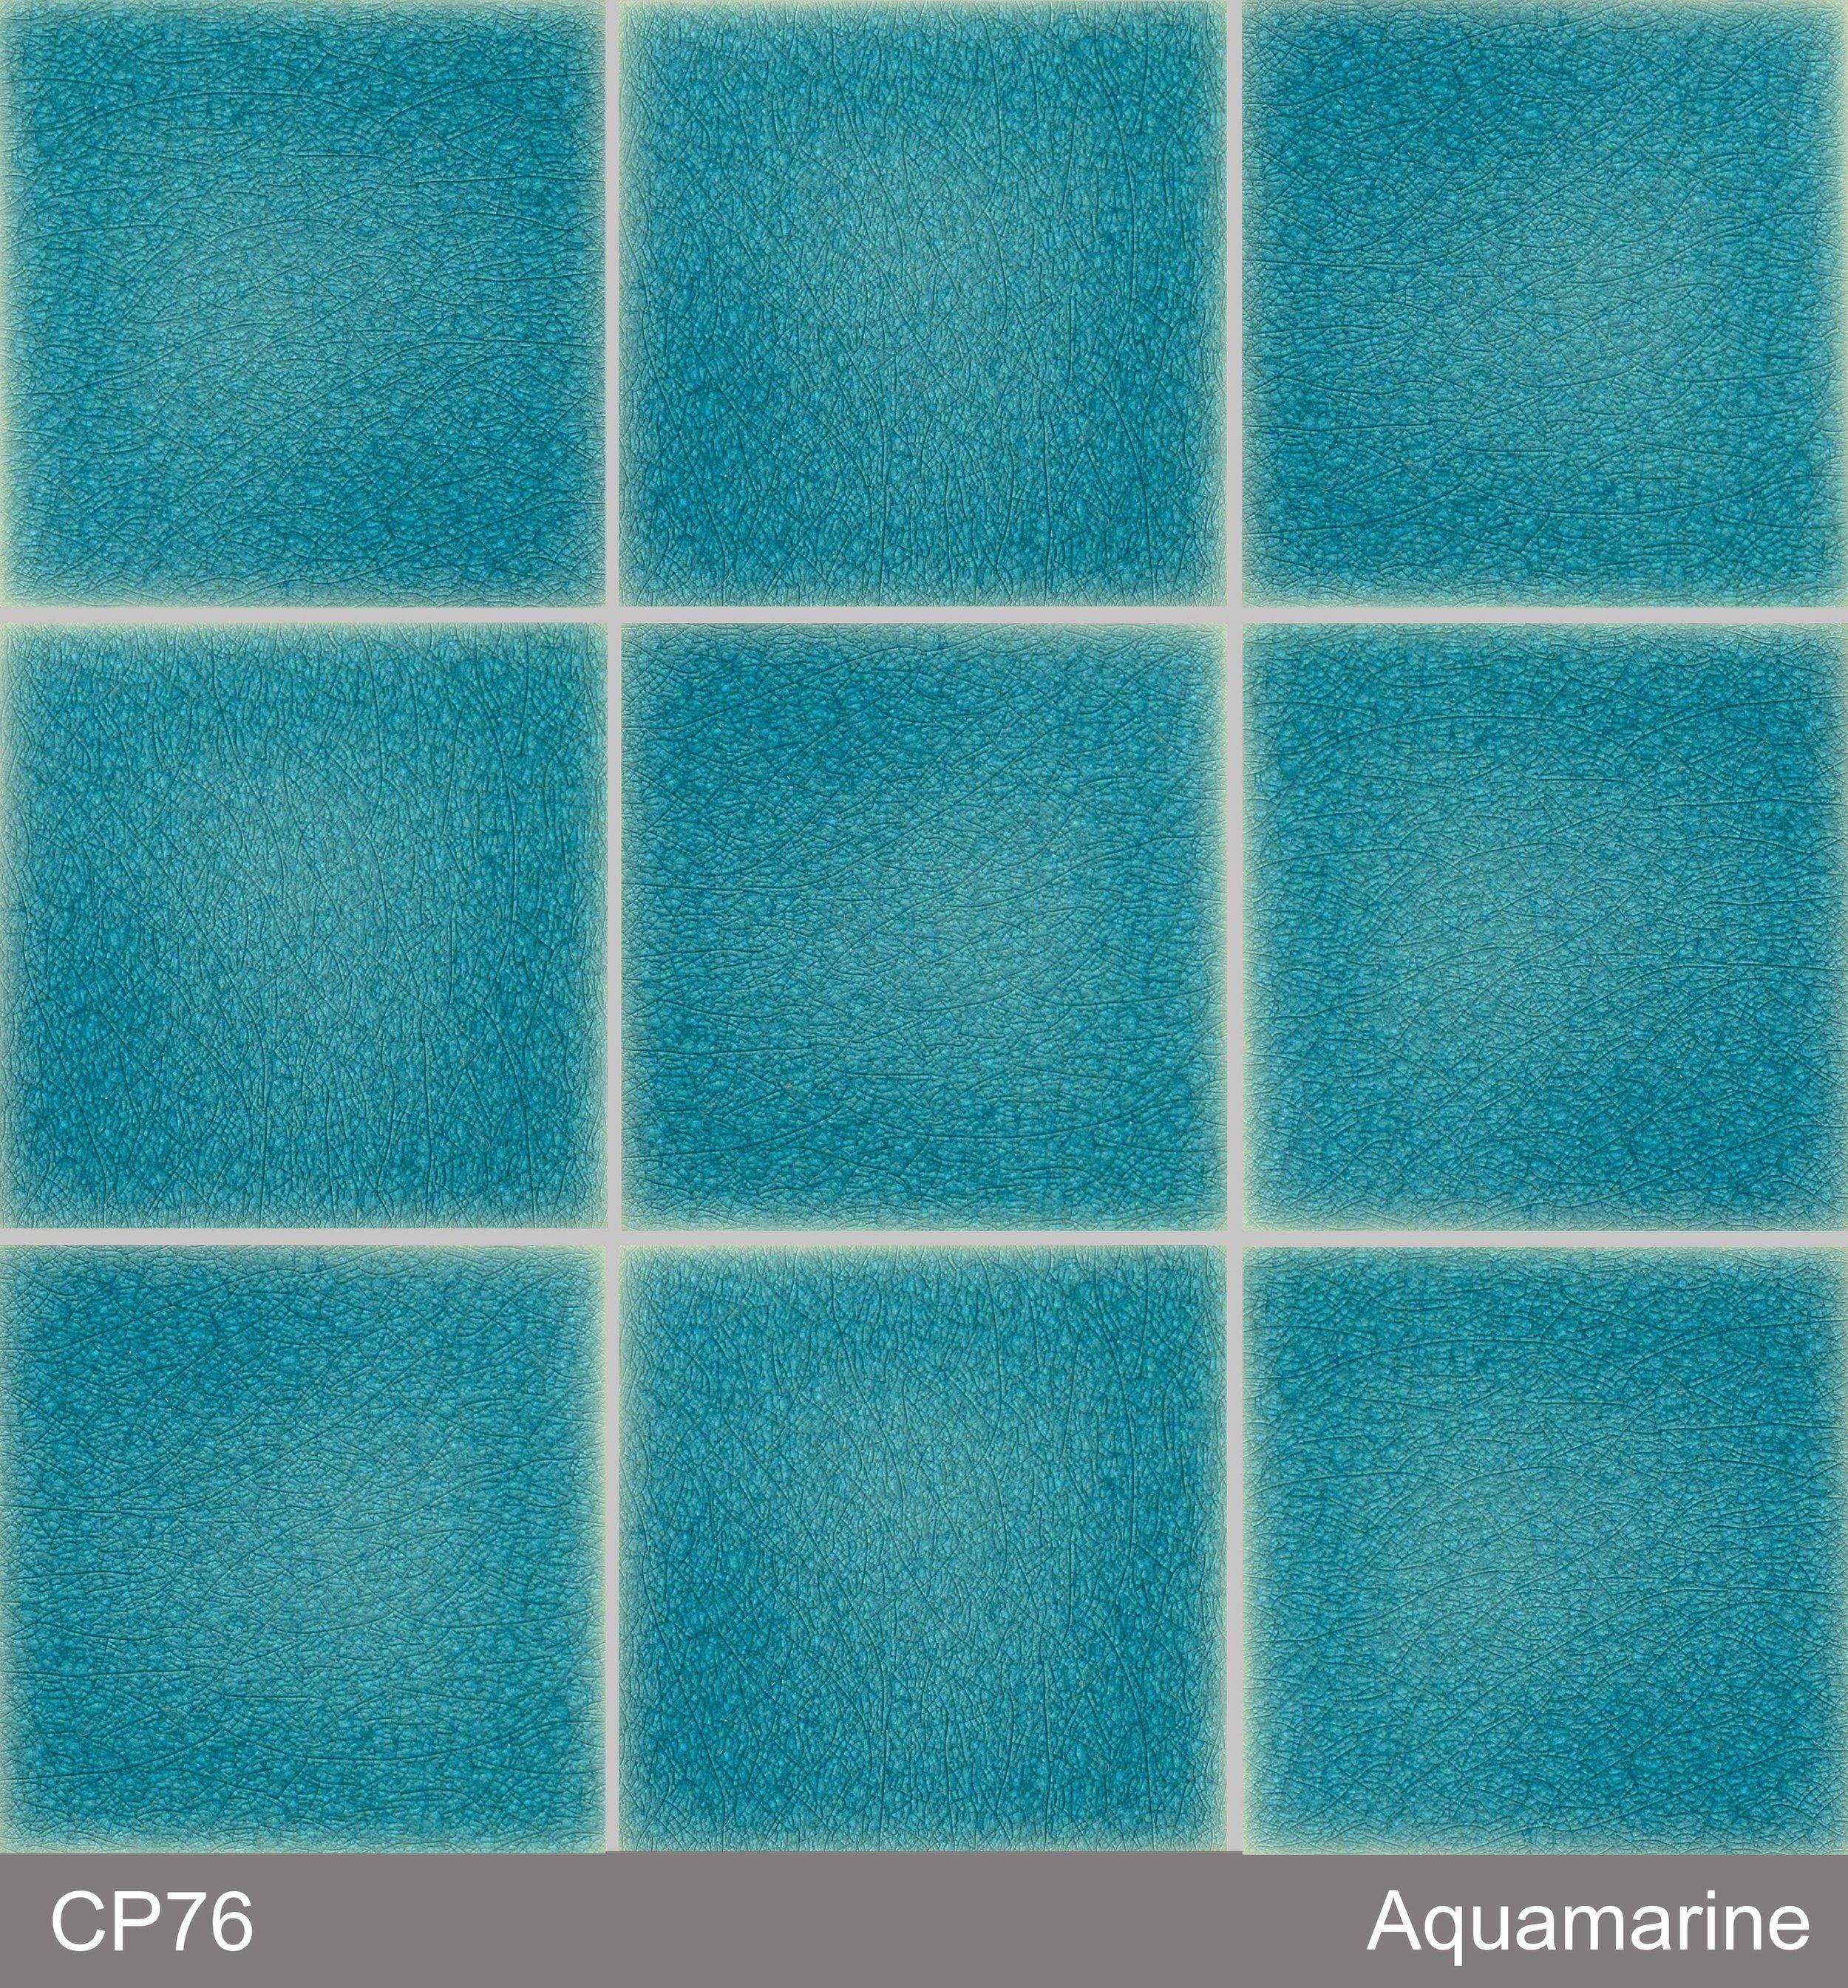 CP76 : Aquamarine